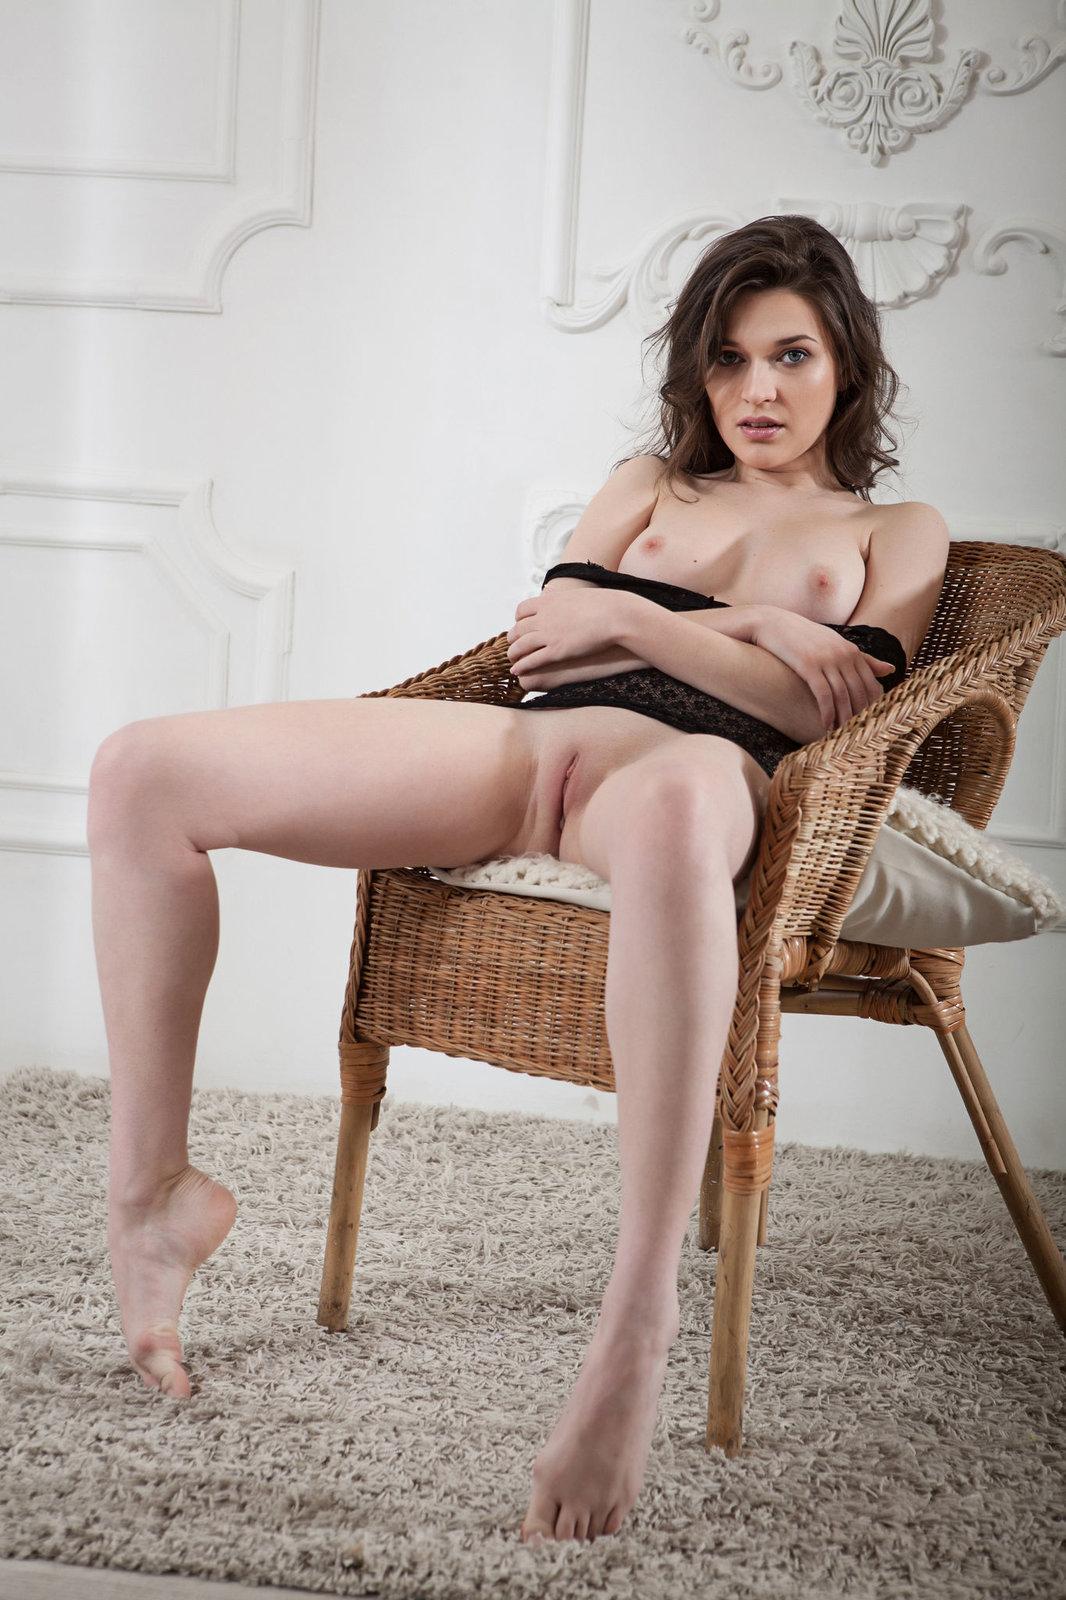 Zdjęcie porno - 075 - Silikonowa niunia na krześle